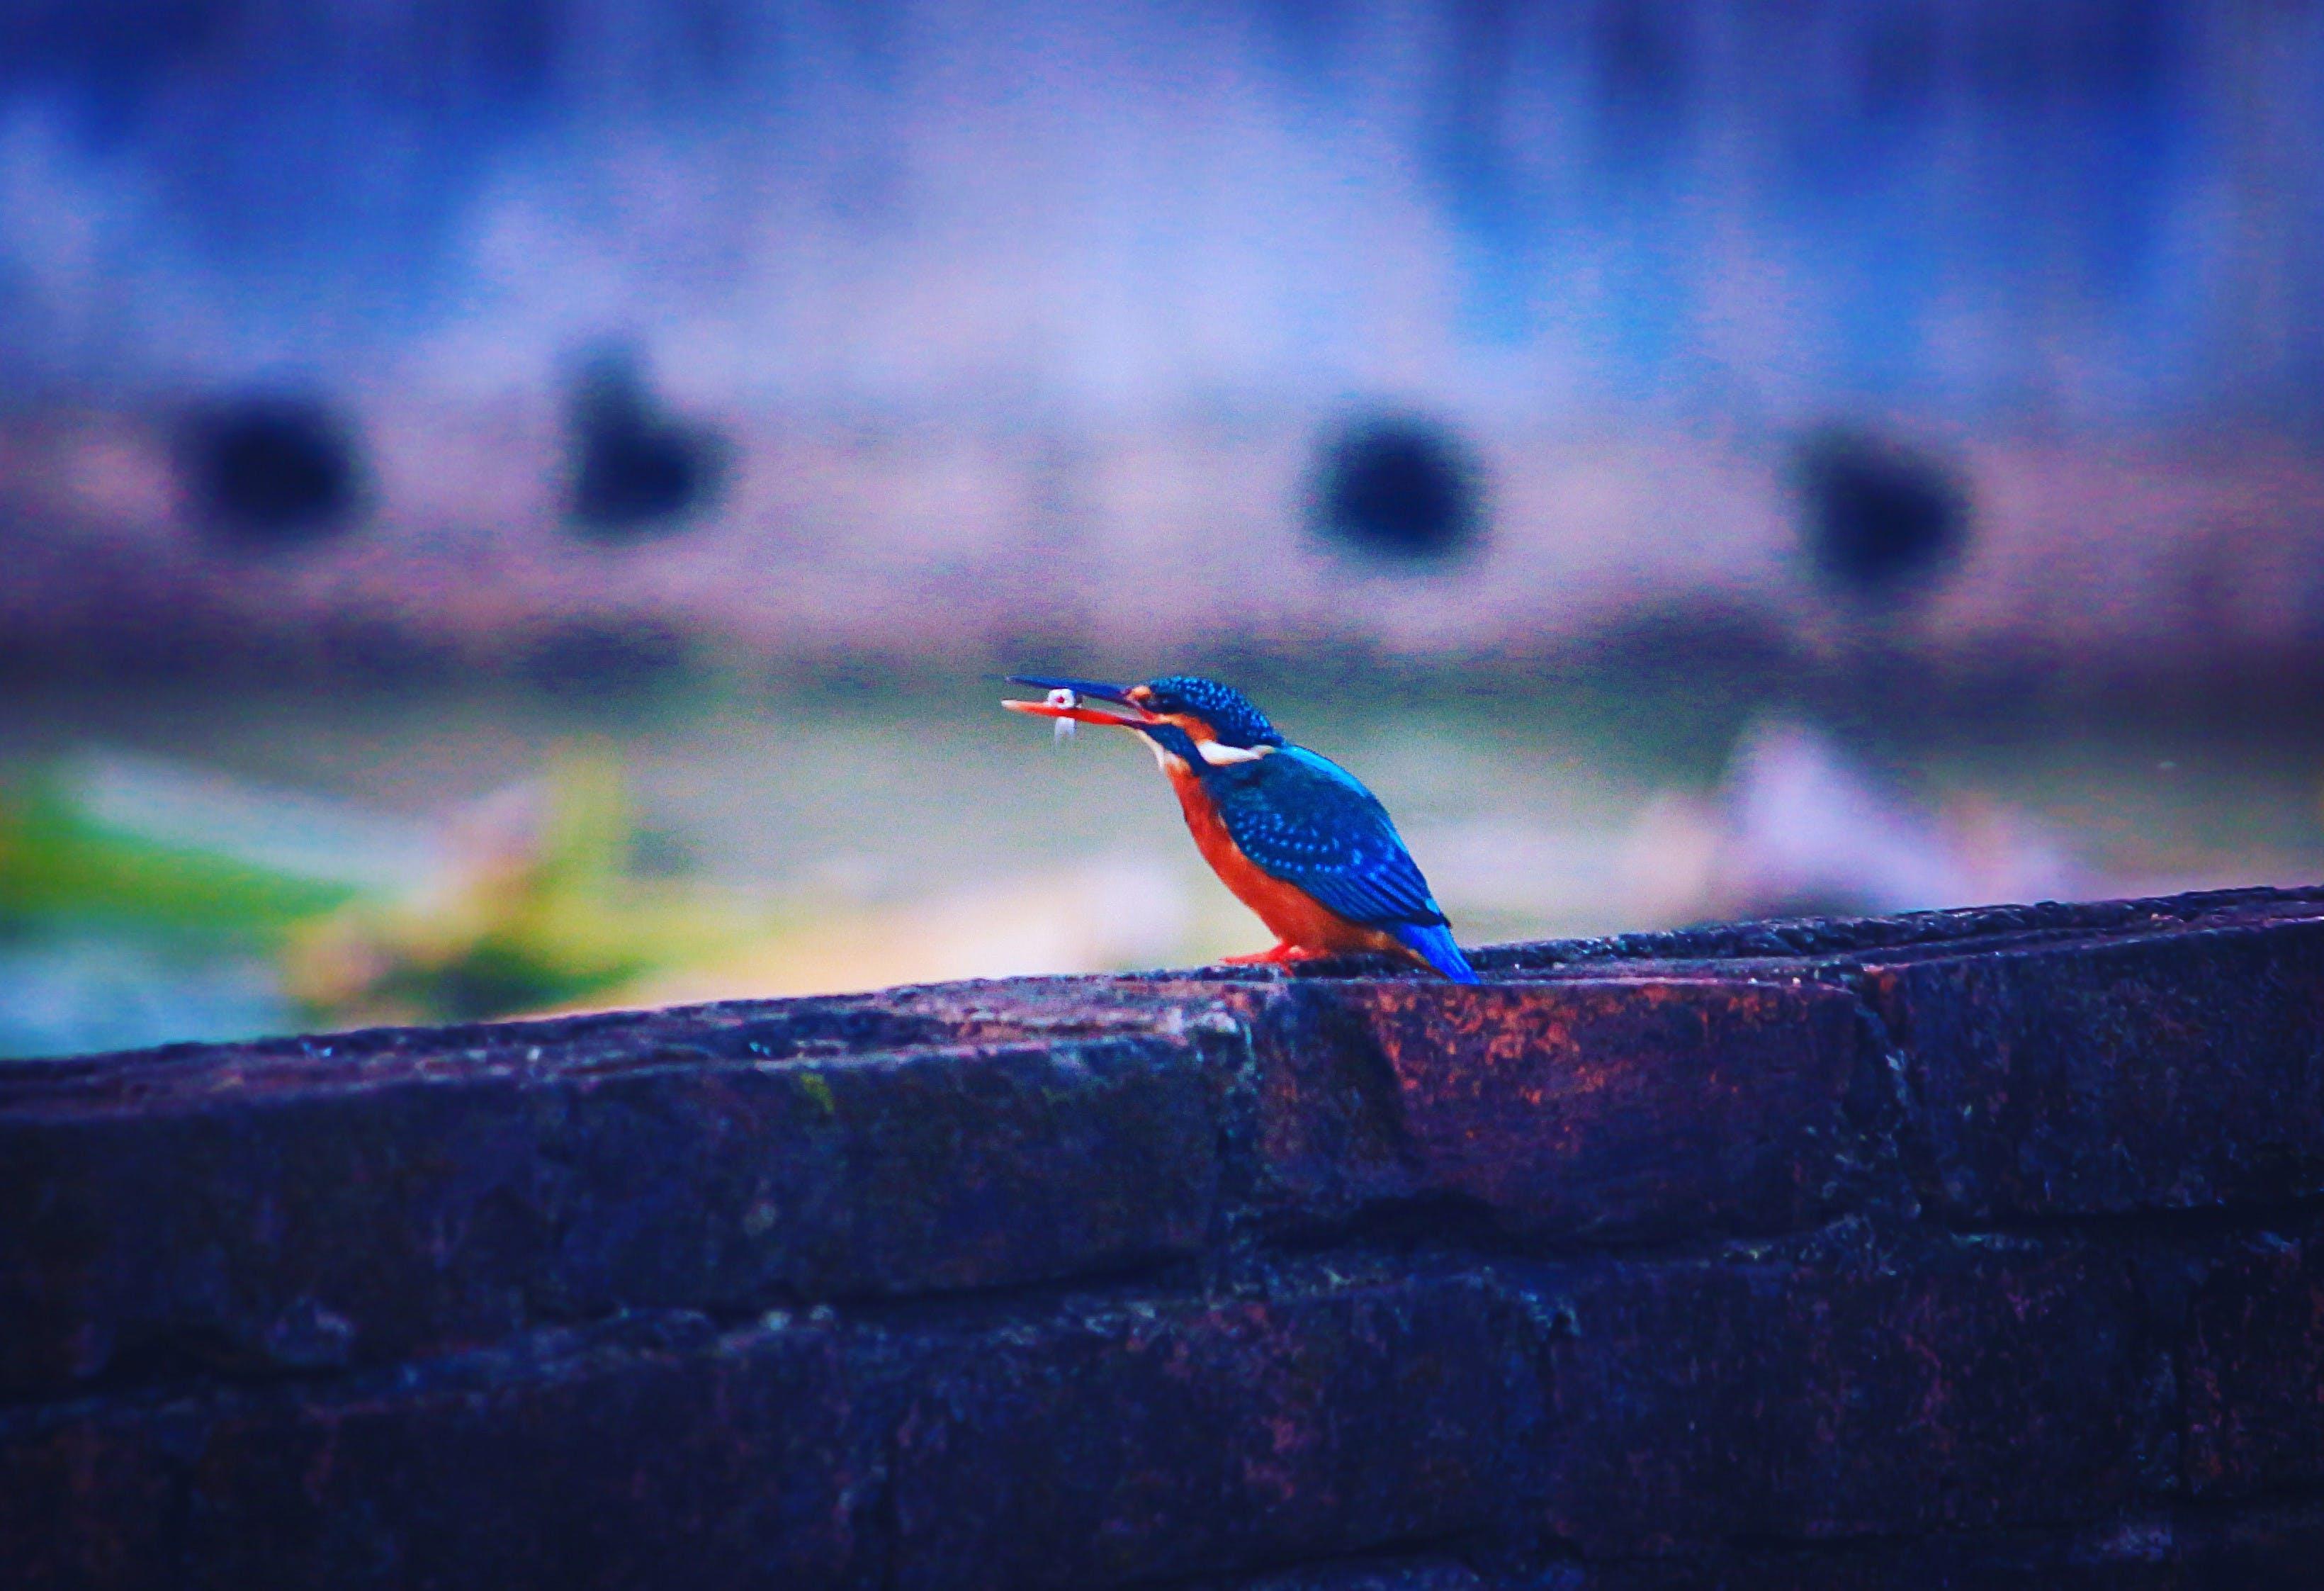 Free stock photo of bird, Fisharanga